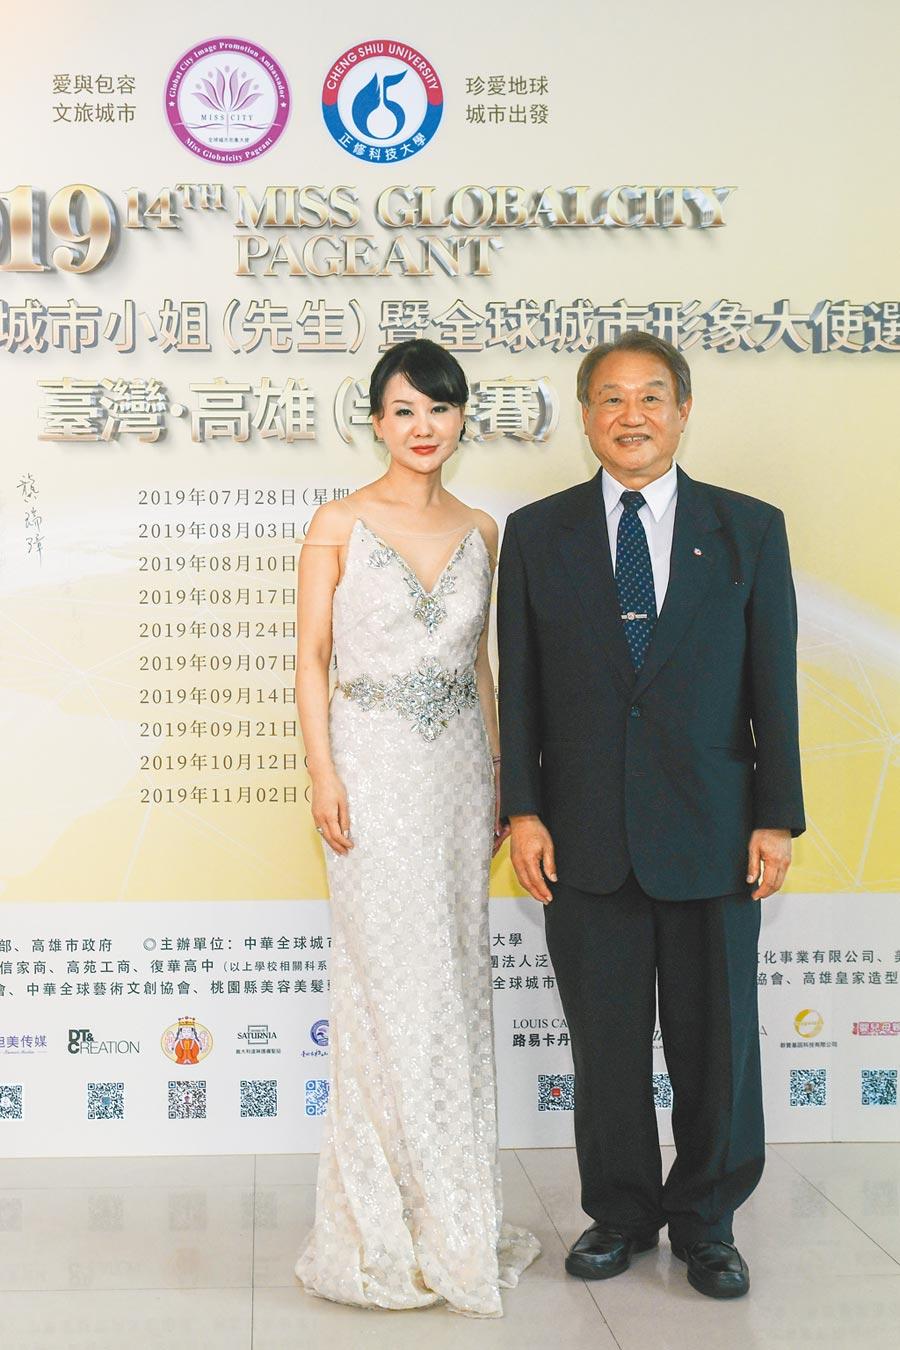 張如君(左)與正修科大校長龔瑞璋共同舉辦今年的選美比賽。